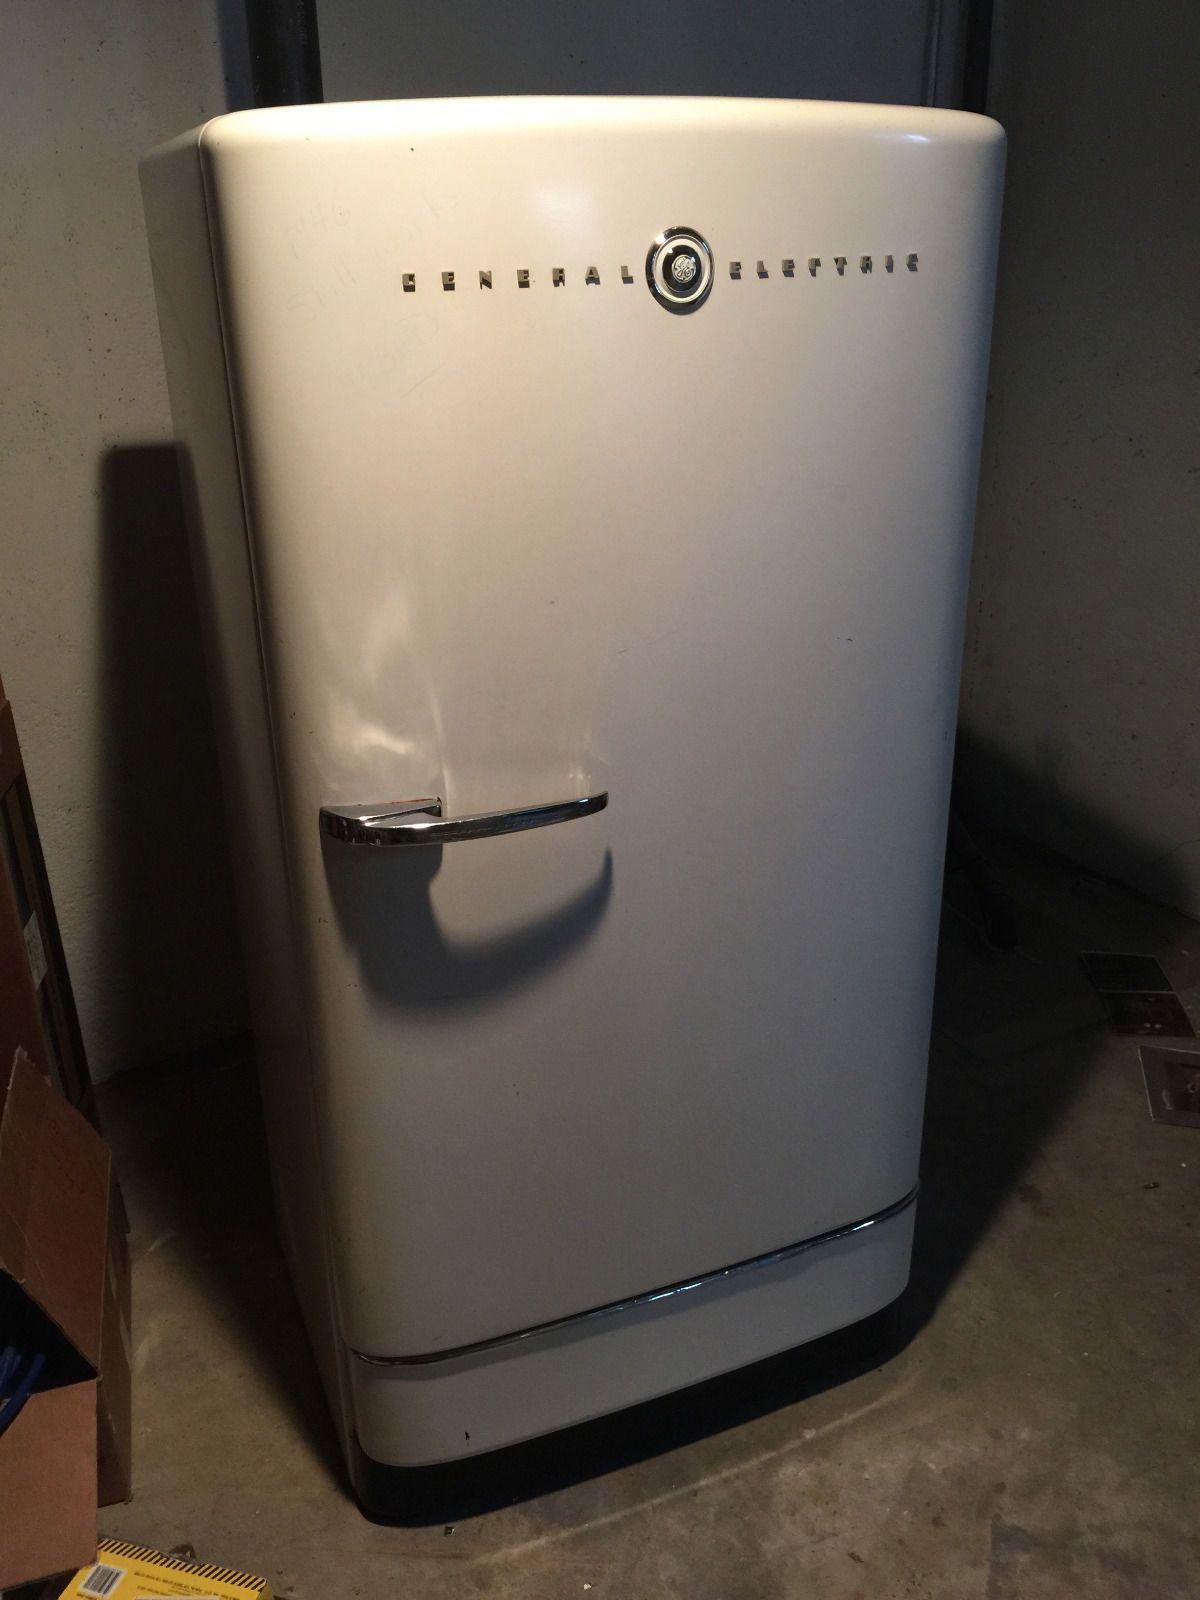 1940s GENERAL ELECTRIC FRIDGE Antique Vintage GE Refrigerator ...